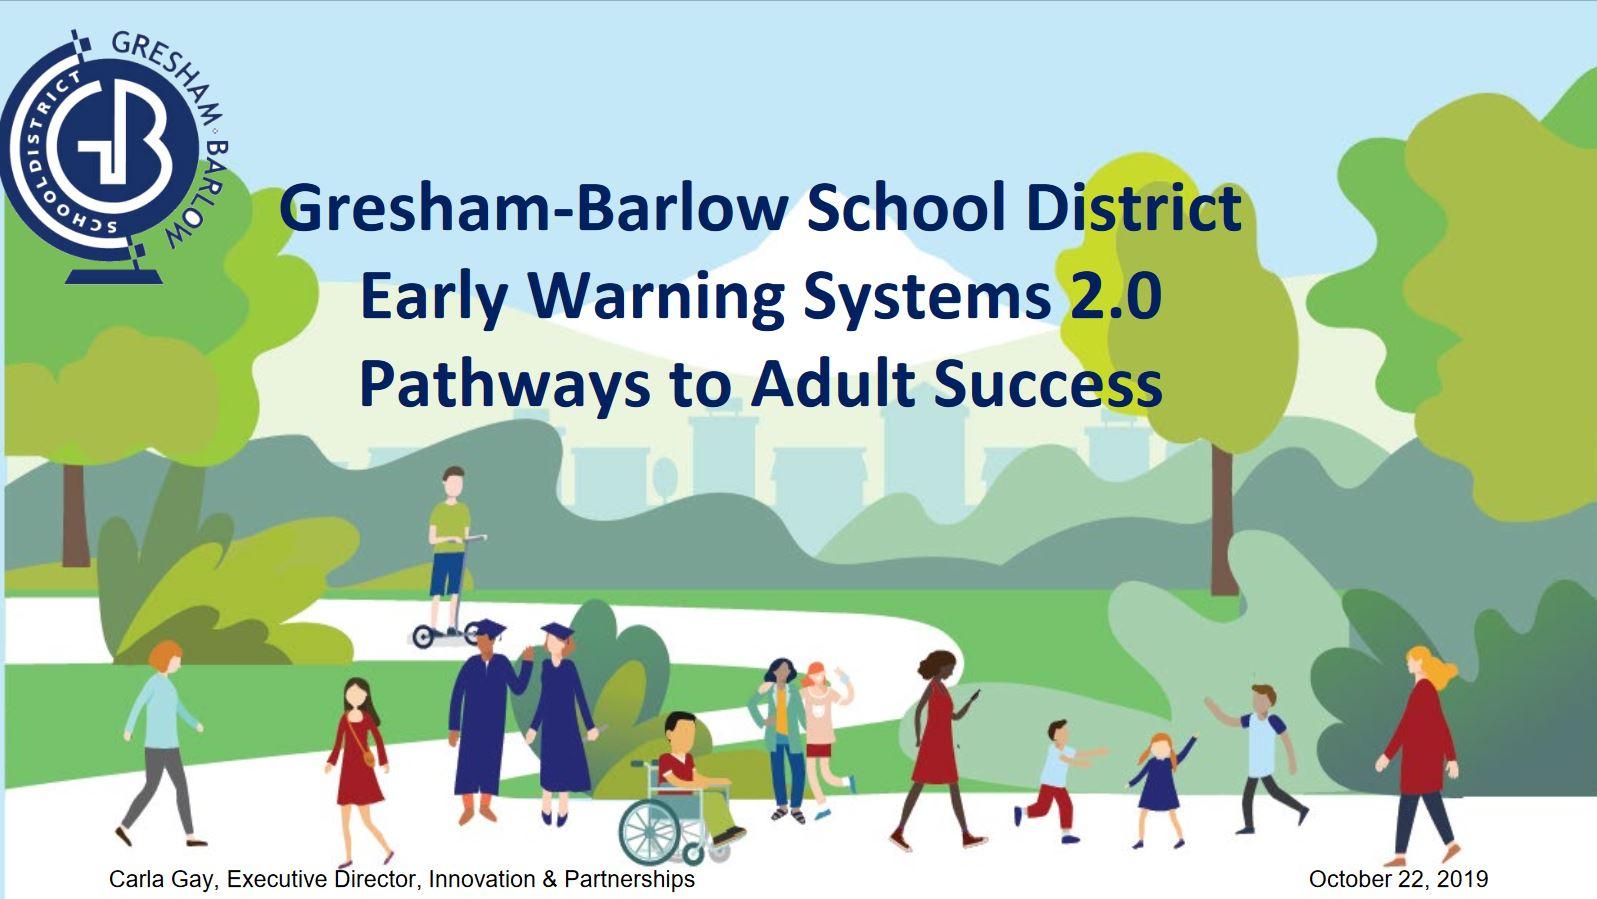 Gresham Barlow EWS 2.0